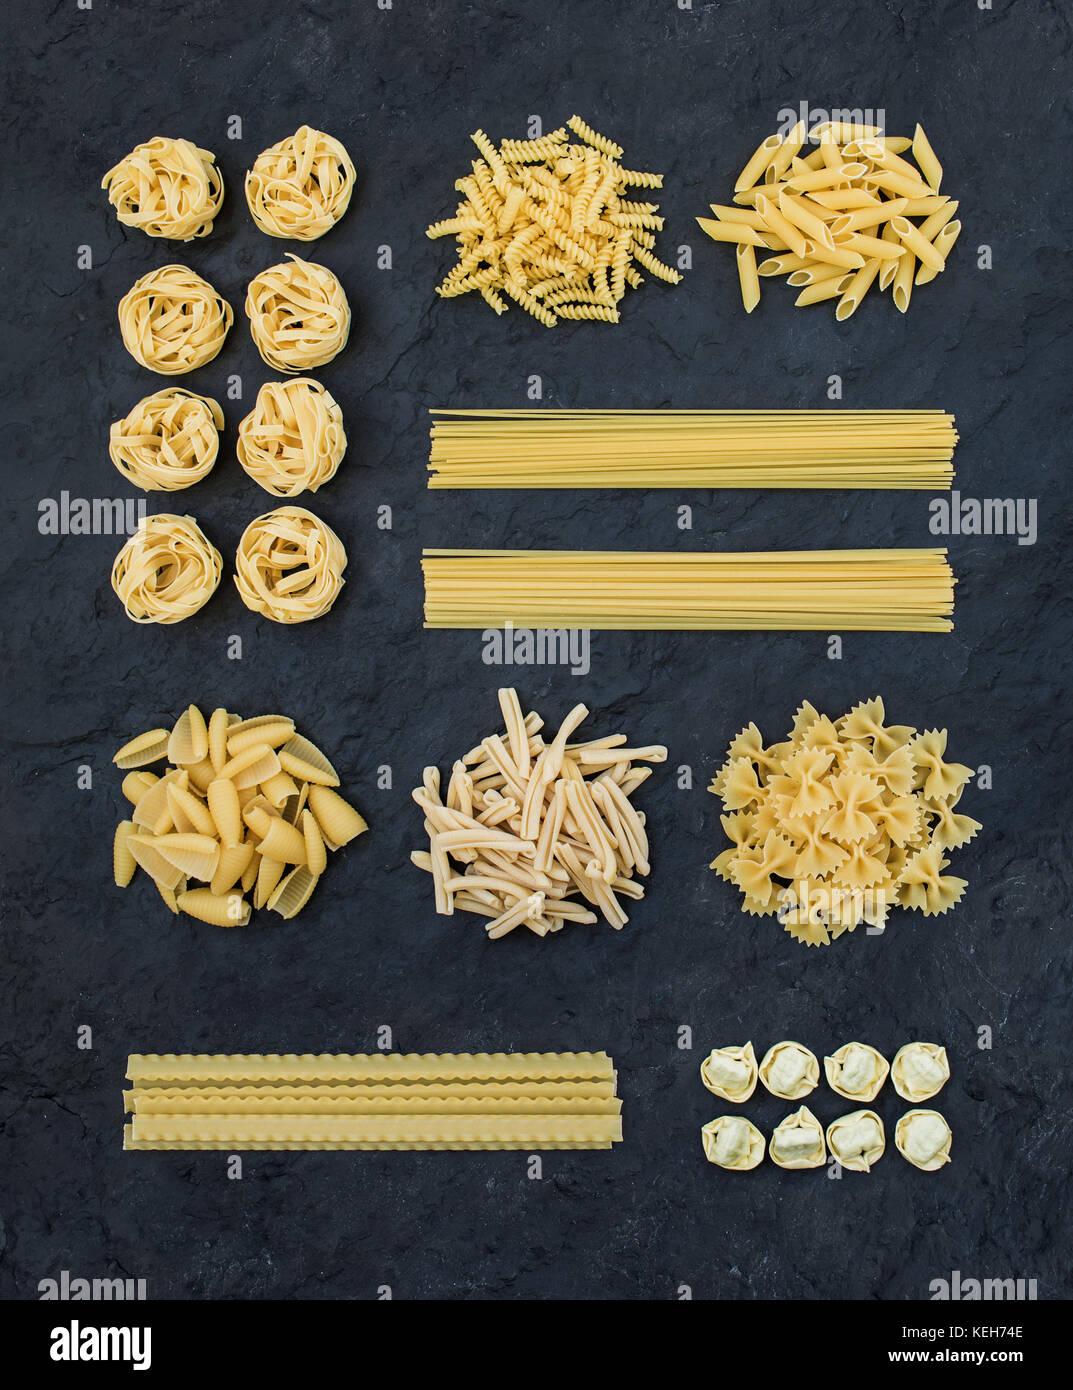 Diversi tipi di italiano di pasta cruda in ardesia nera sullo sfondo di pietra vista dall 39 alto - Diversi tipi di figa ...